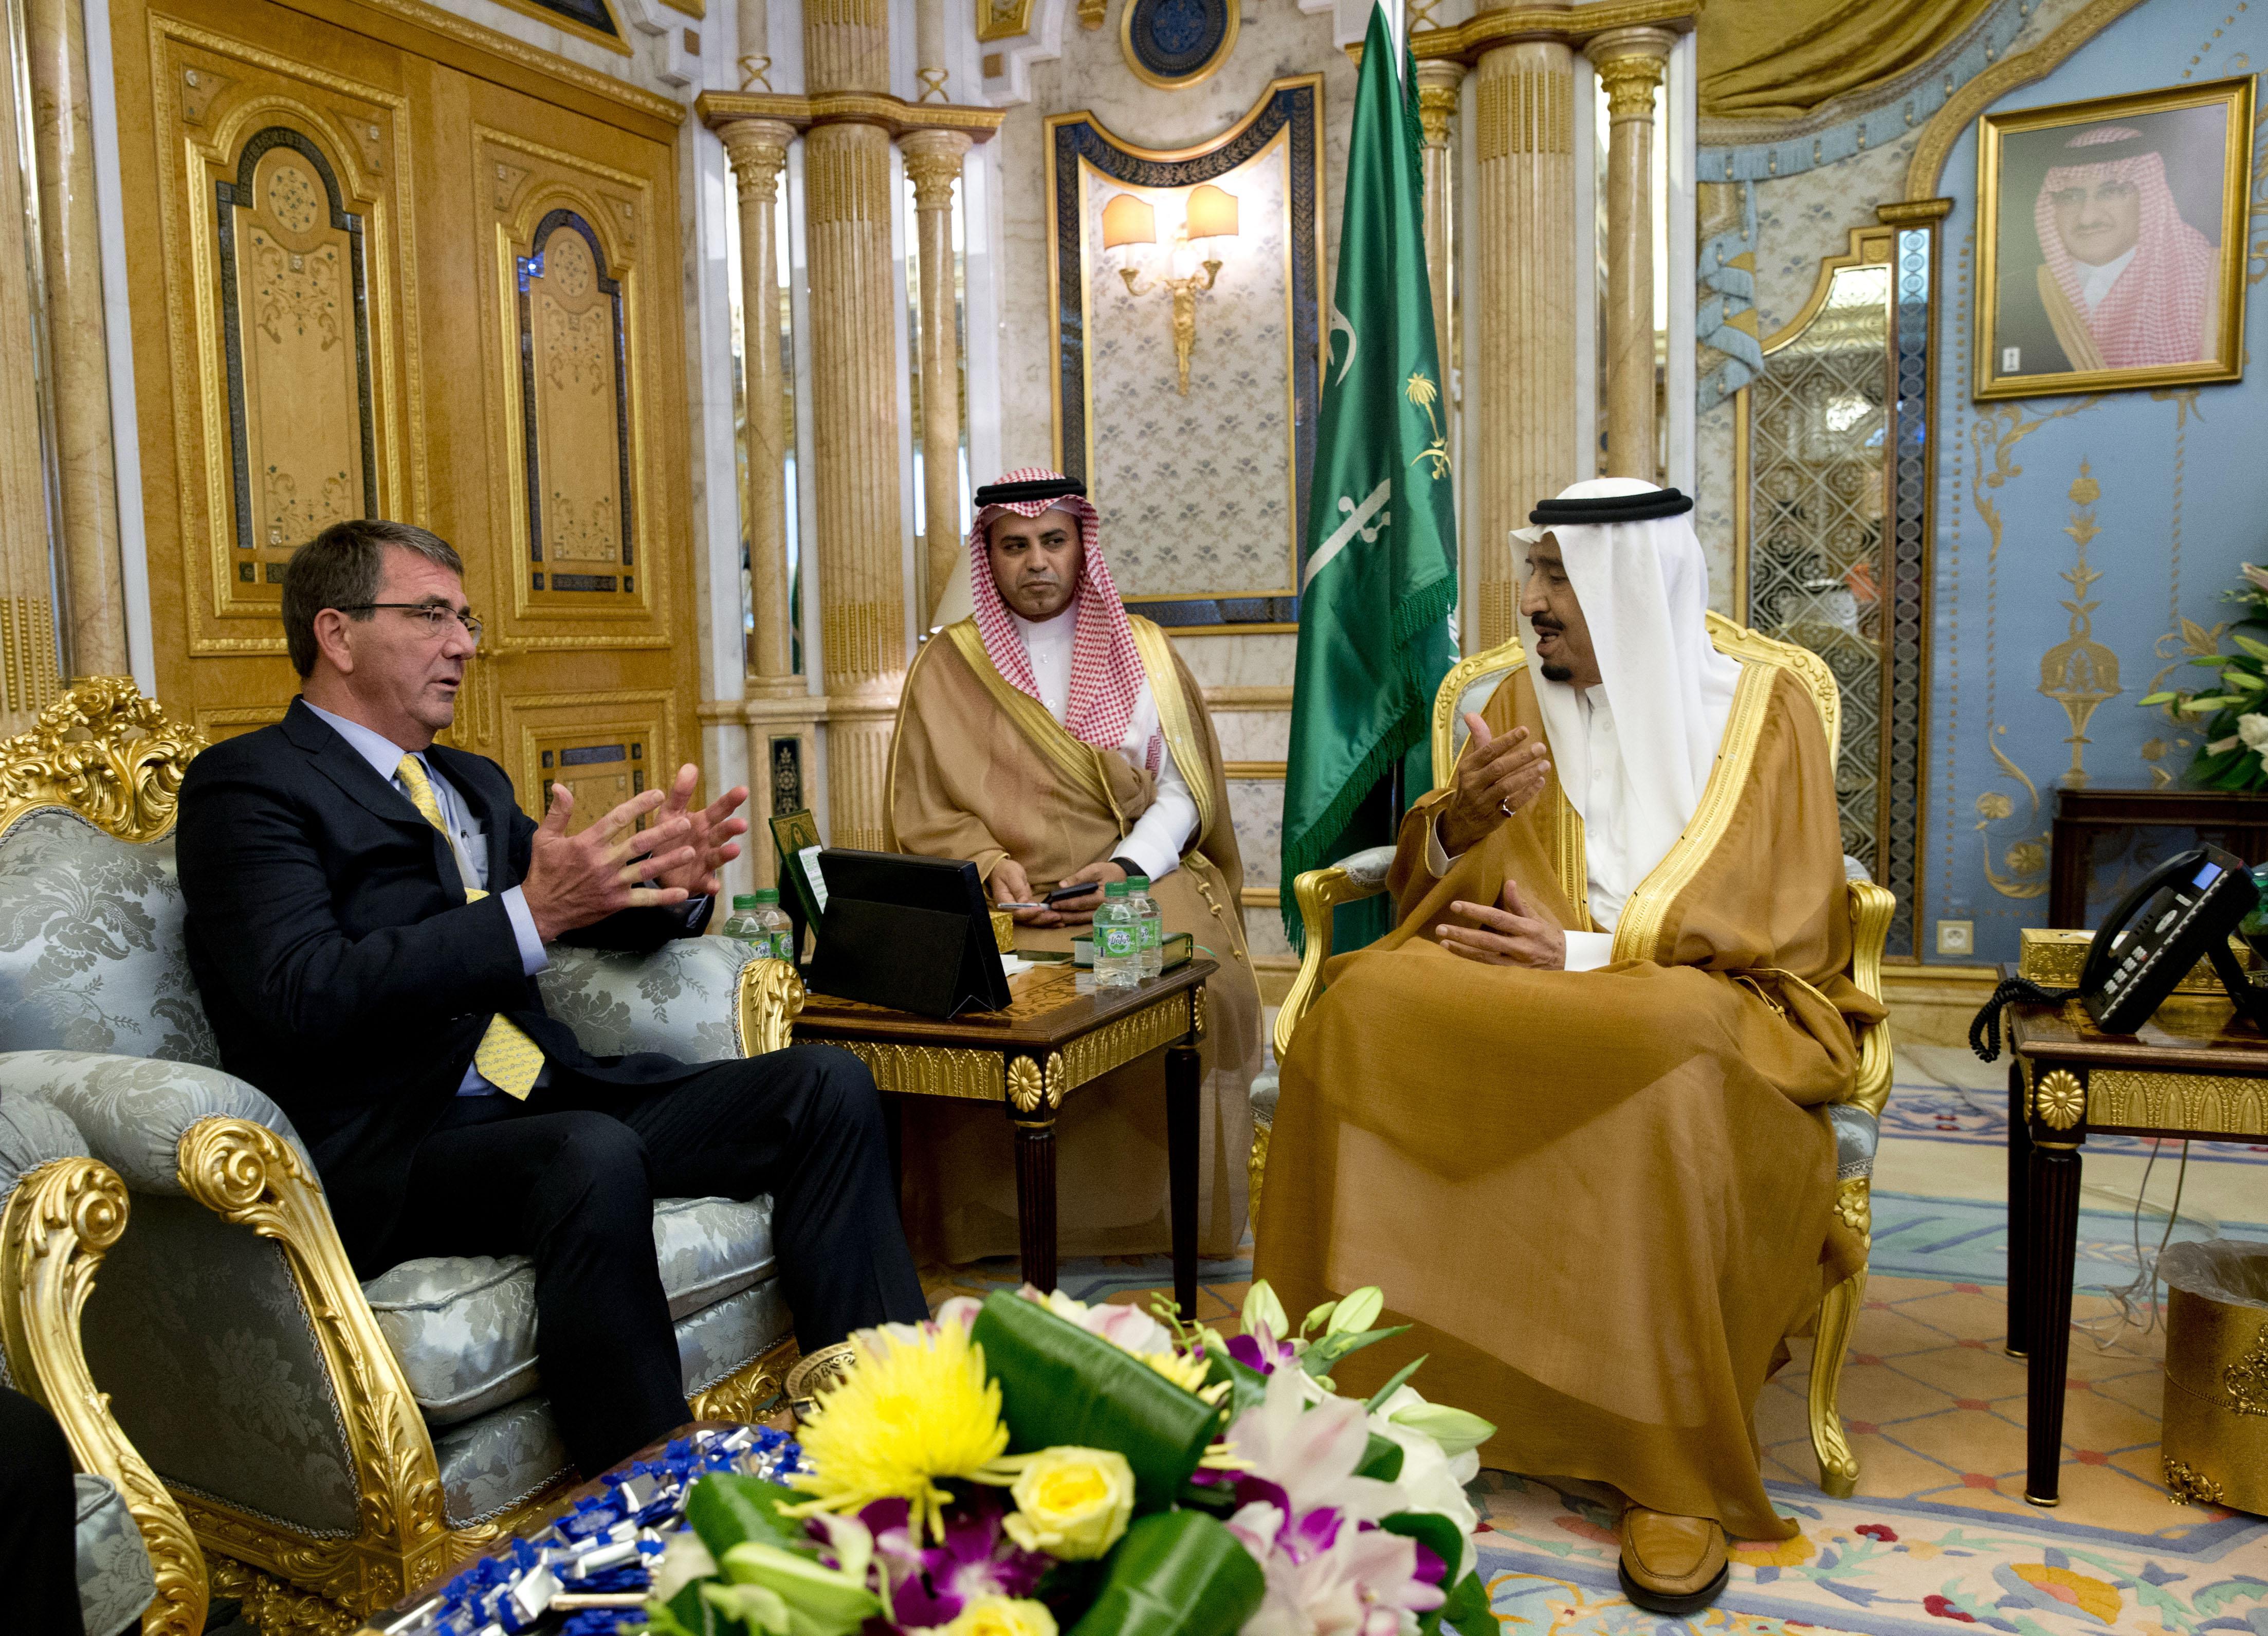 لقاء بين الملك سلمان ووزير الدفاع الأميركي آشتون كارتر